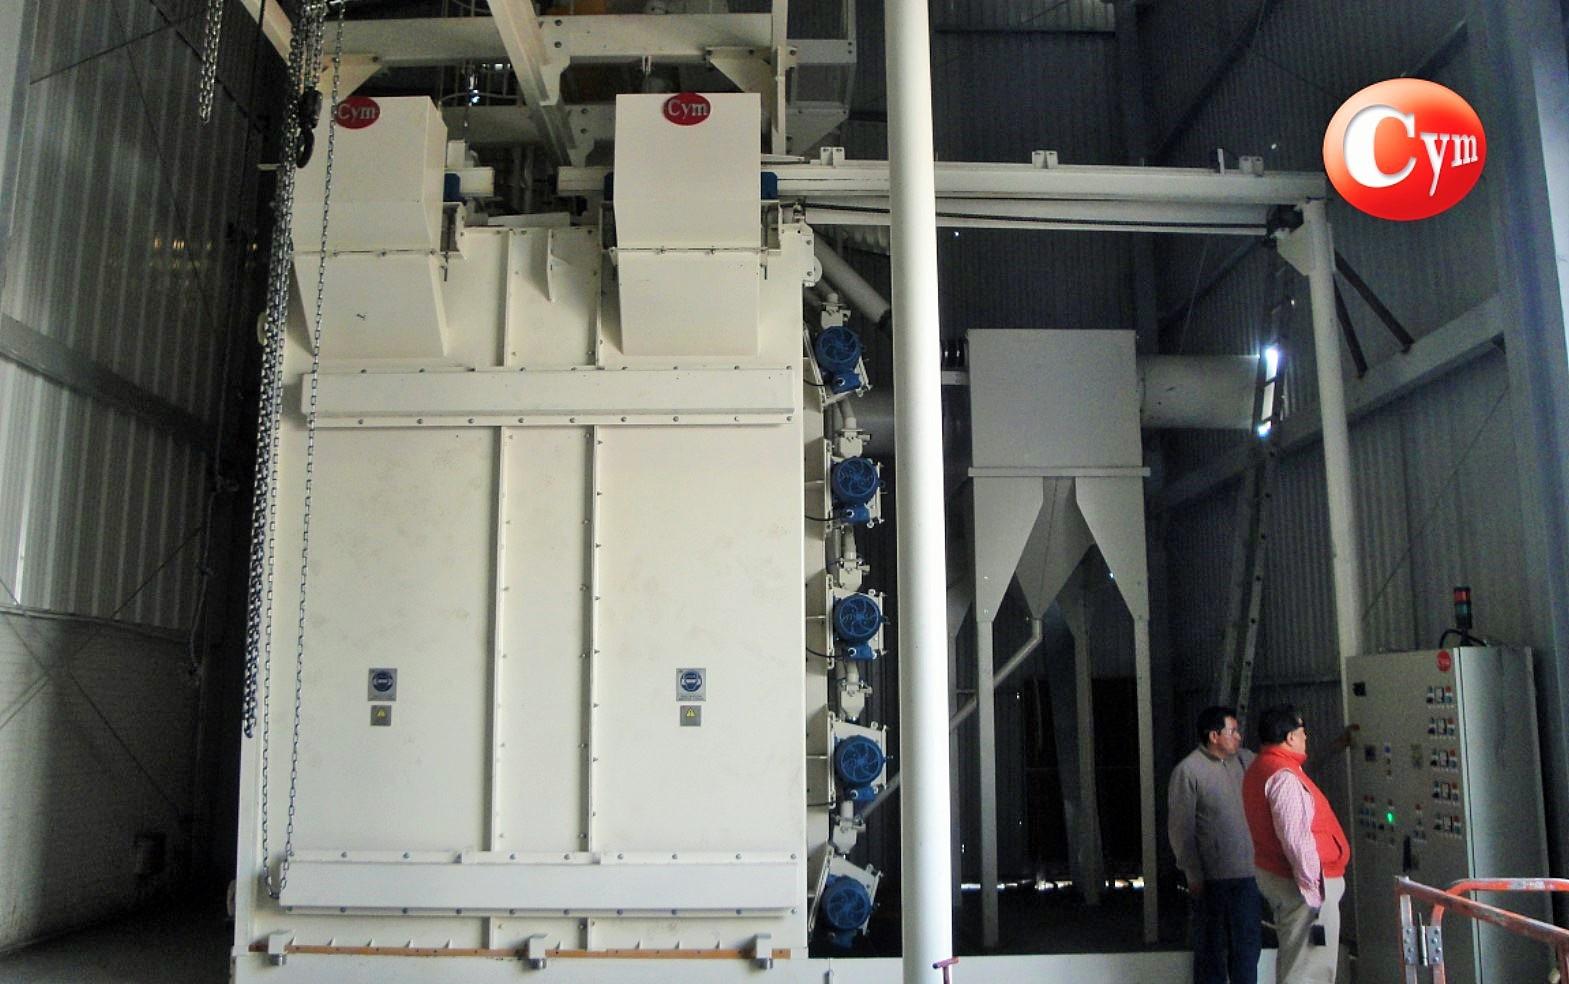 granalladora-de-gancho-cab-25x35-para-boguies-de-ferrocarril-bombardier-cymmateriales